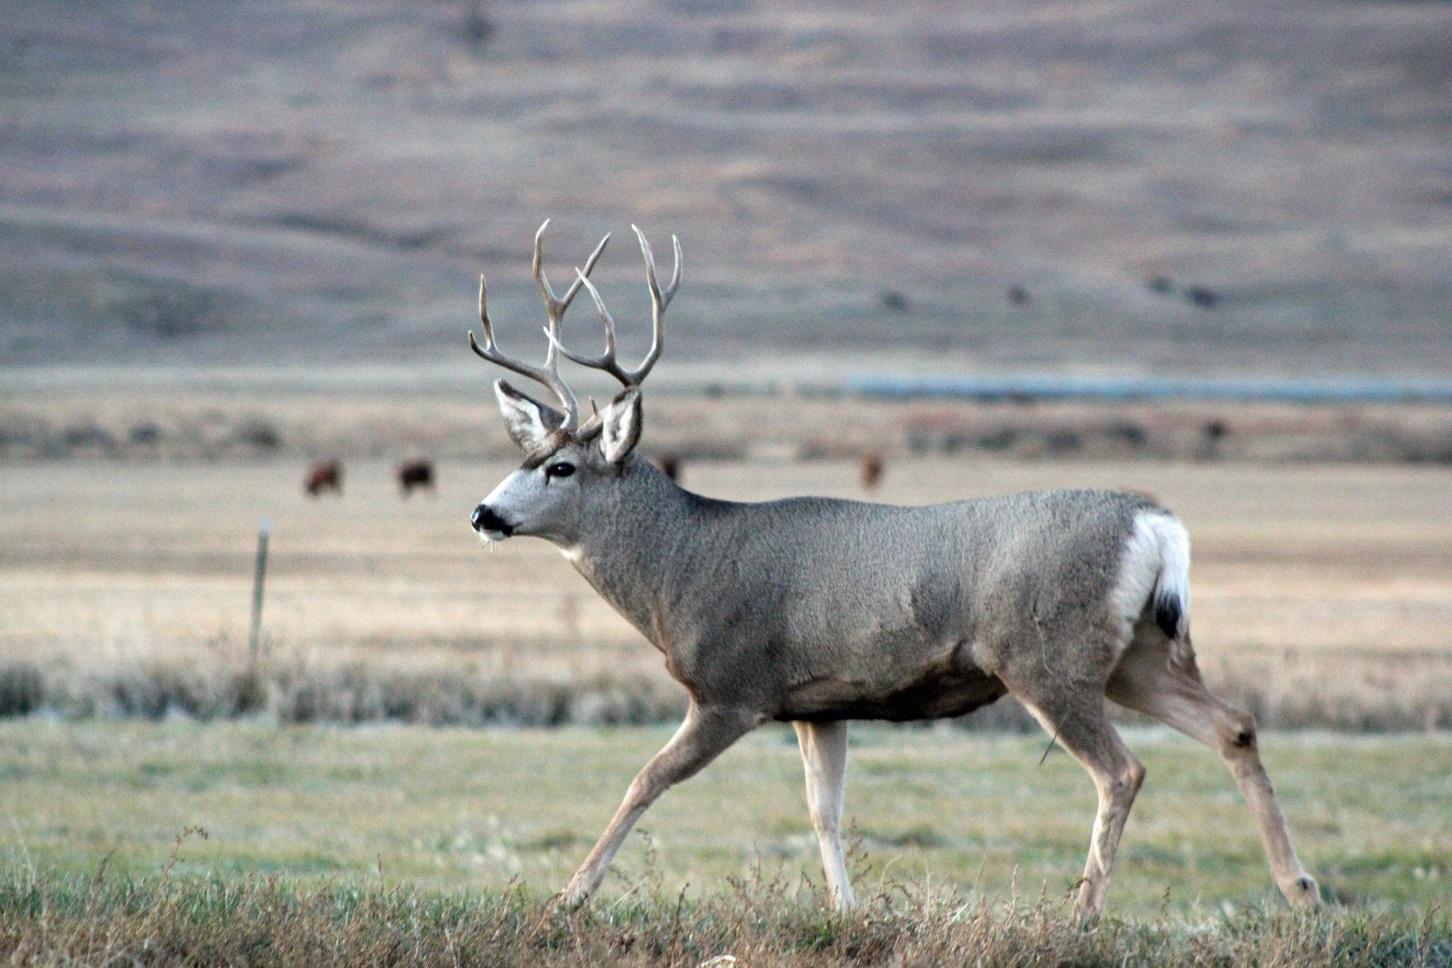 a buck running through a field